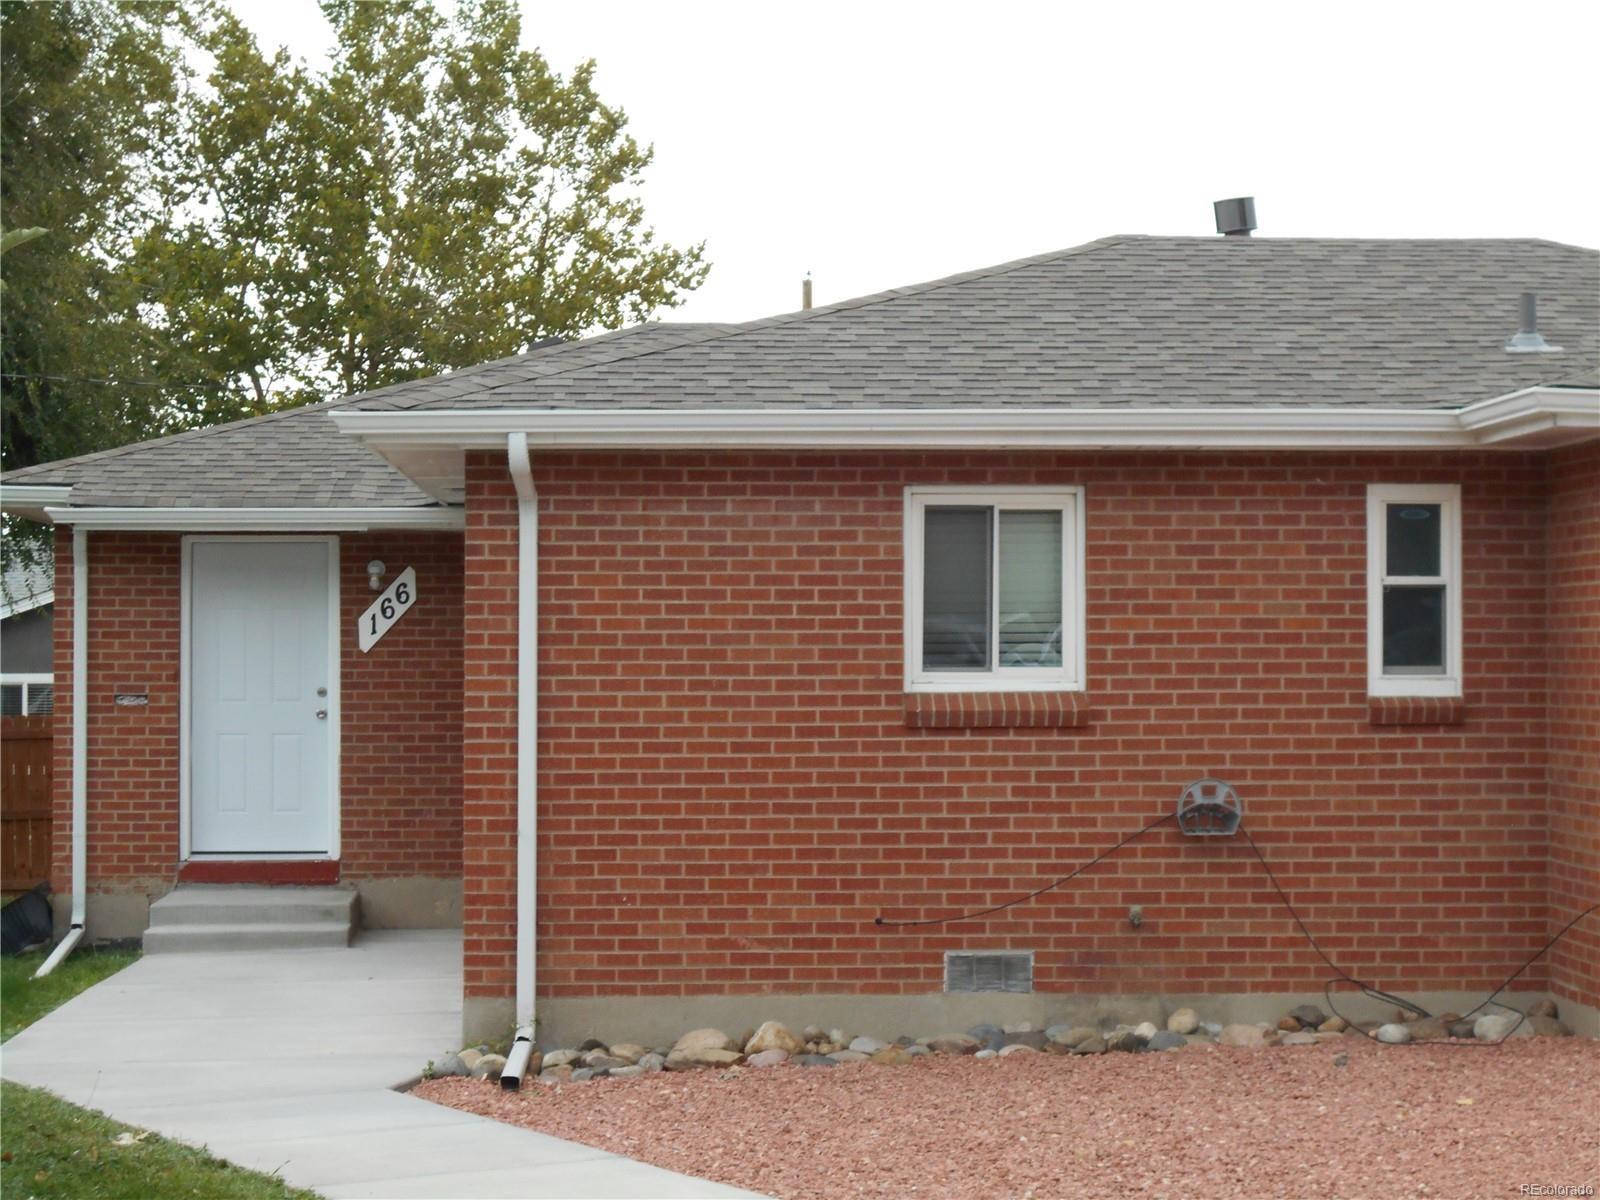 MLS# 7620940 - 6 - 166 S Kendall Street, Lakewood, CO 80226